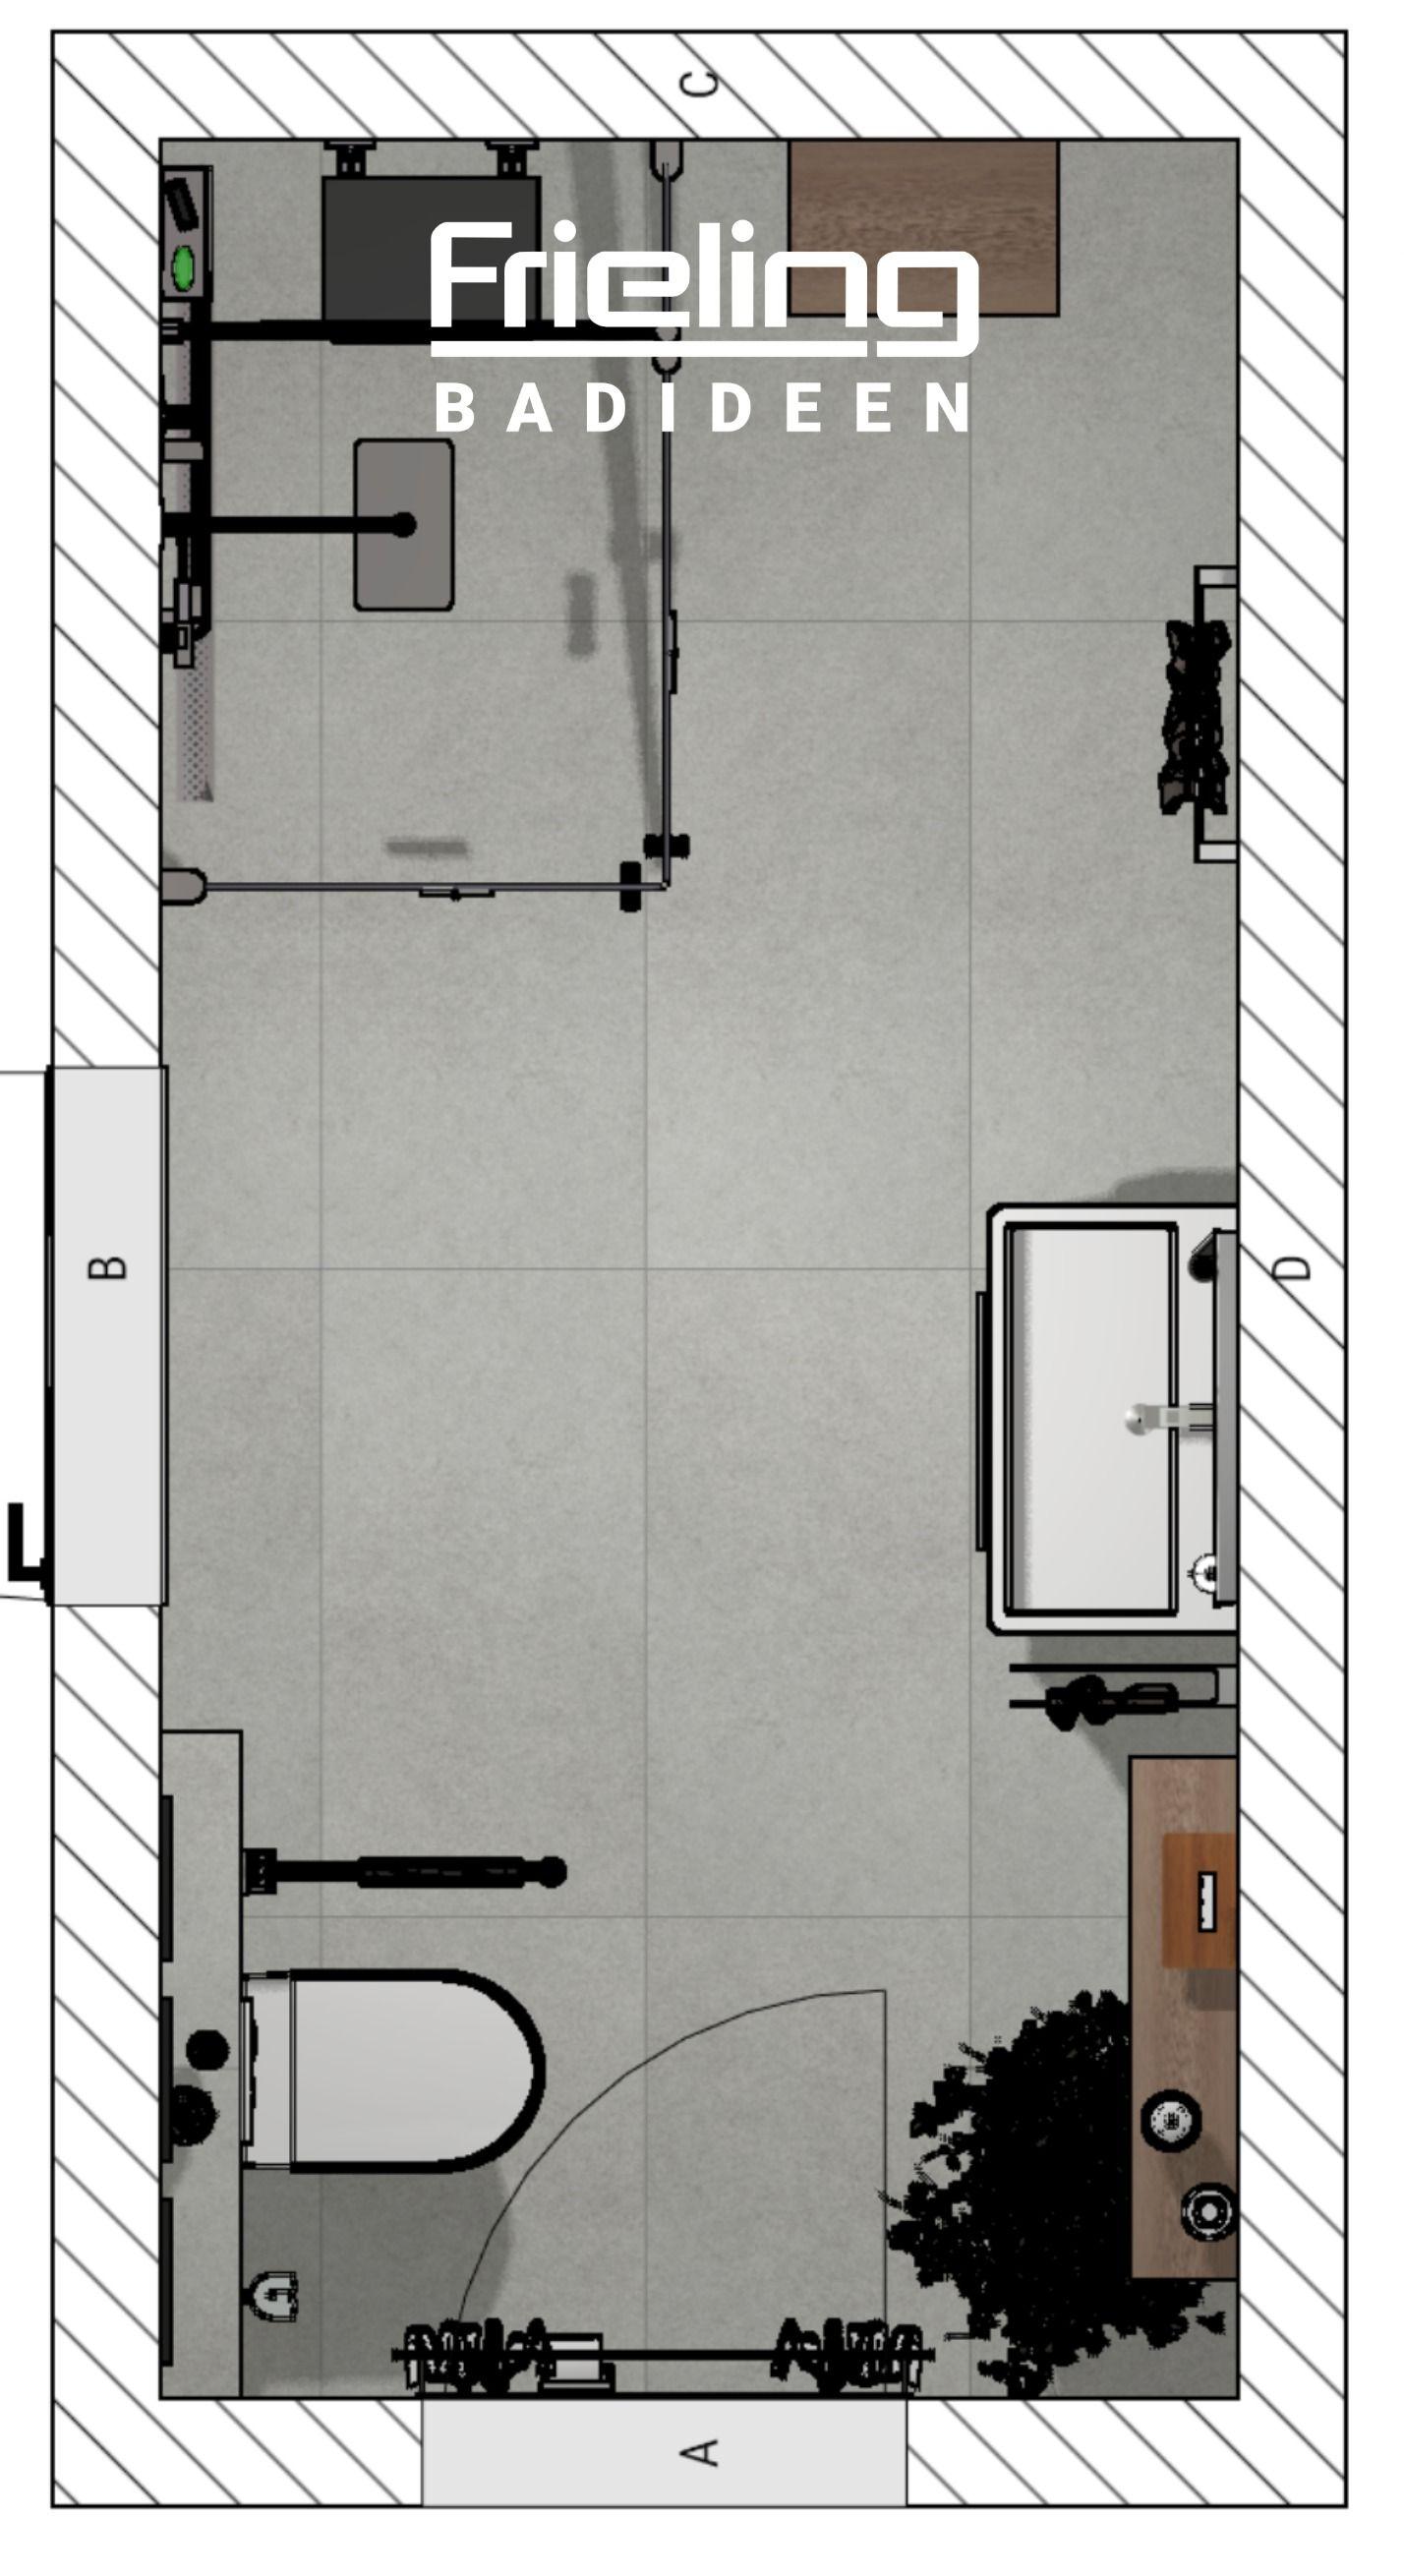 Das Badezimmer Im Vintage Look Grundriss 8qm Walk In Dusche Mit Klappsitz Modern Stylisch In 2020 Walk In Dusche Badezimmer Grundriss Badezimmer